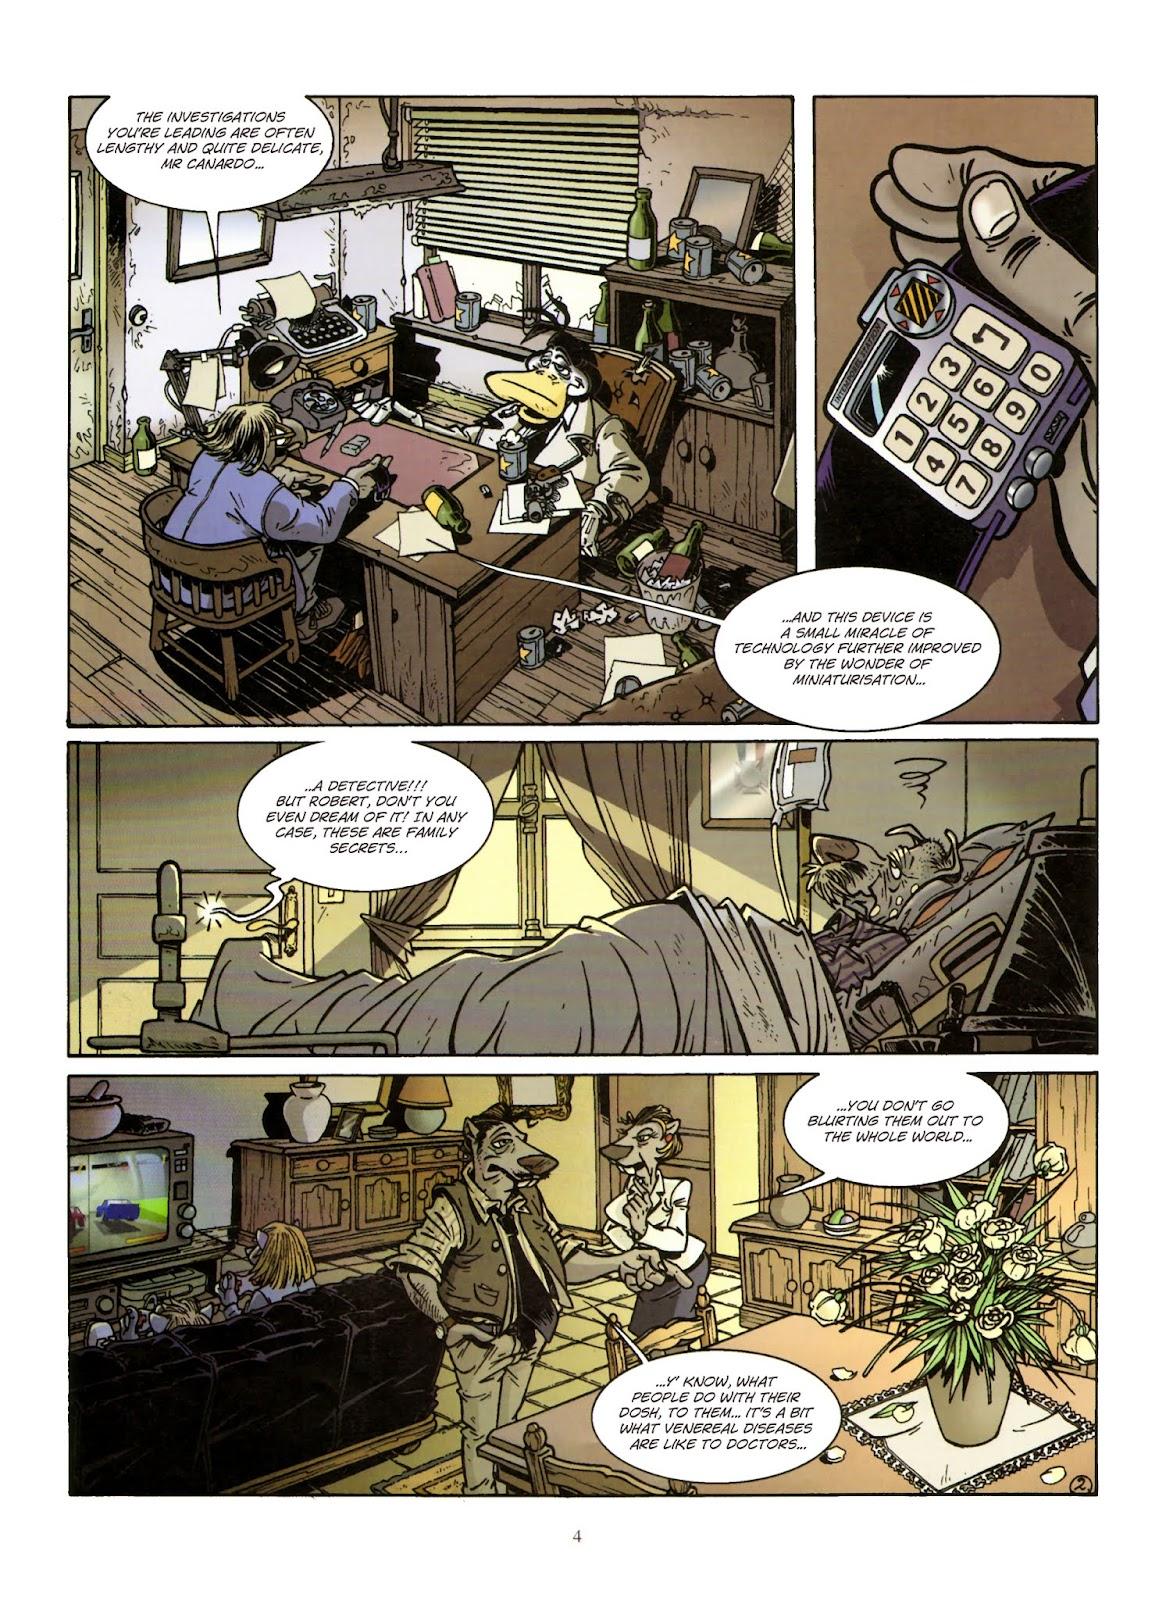 Une enquête de l'inspecteur Canardo issue 11 - Page 5